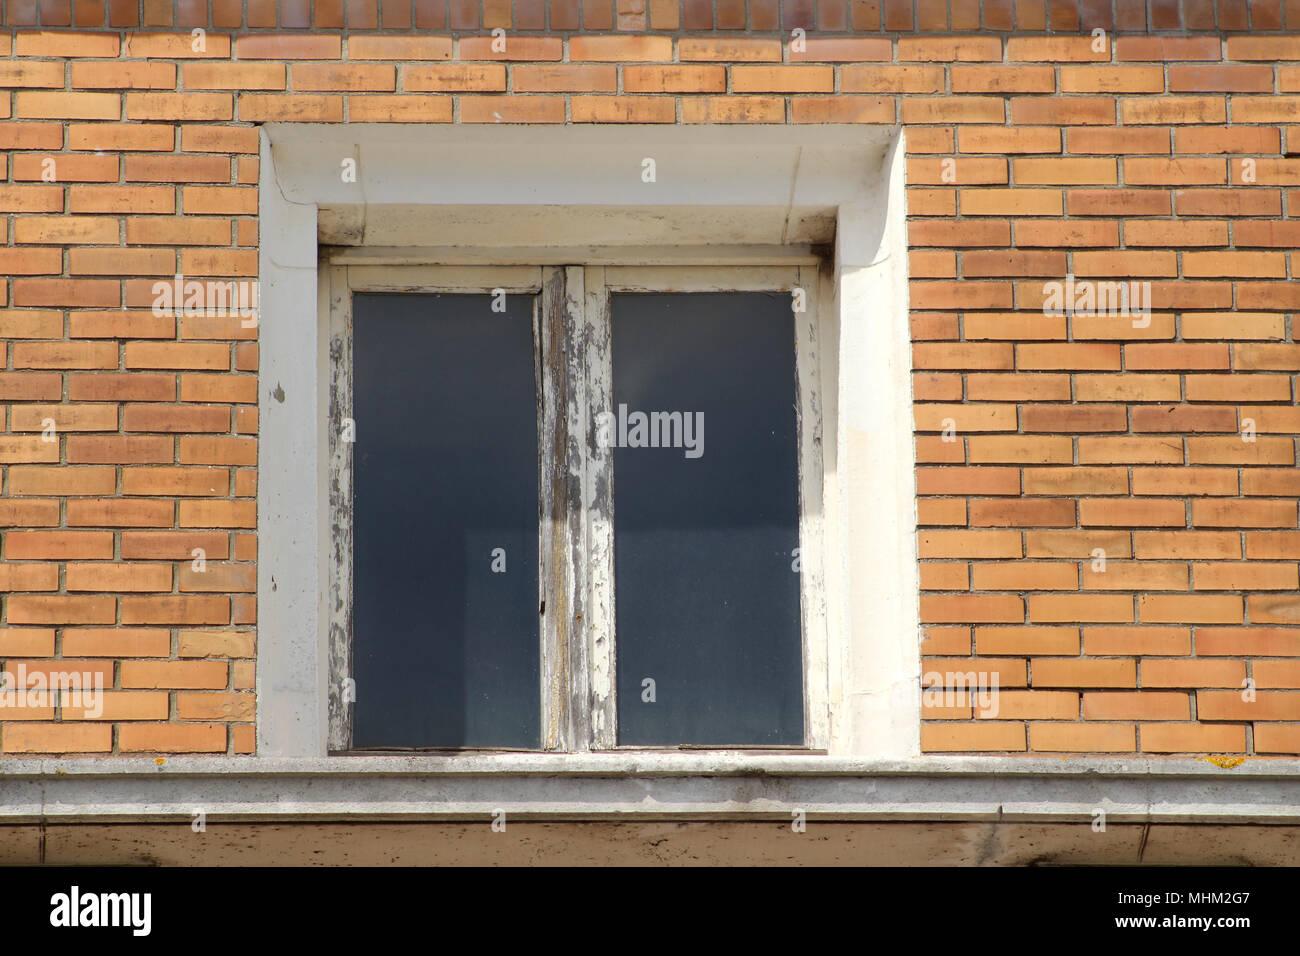 Renovation Fenetre Maison Ancienne une ancienne fenêtre avec cadre en bois qui a besoin d'une